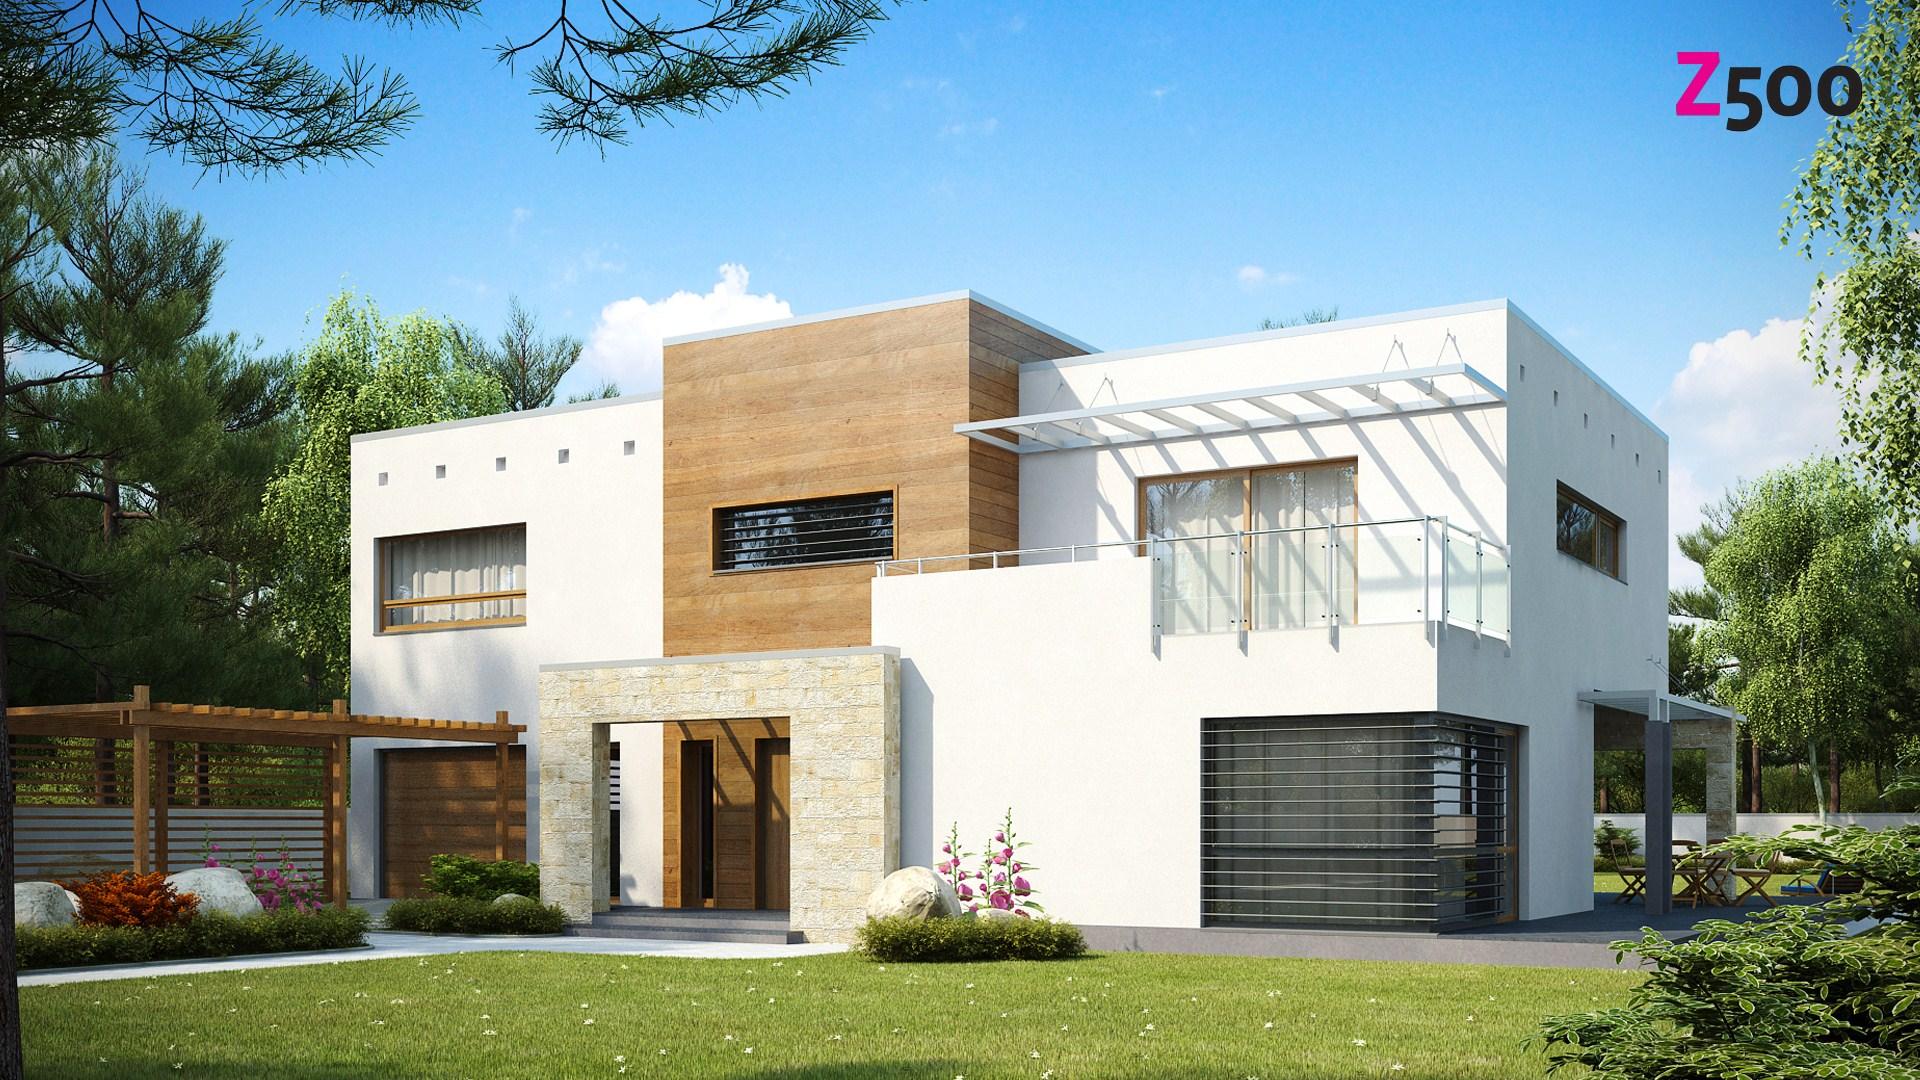 проект дома Zx15